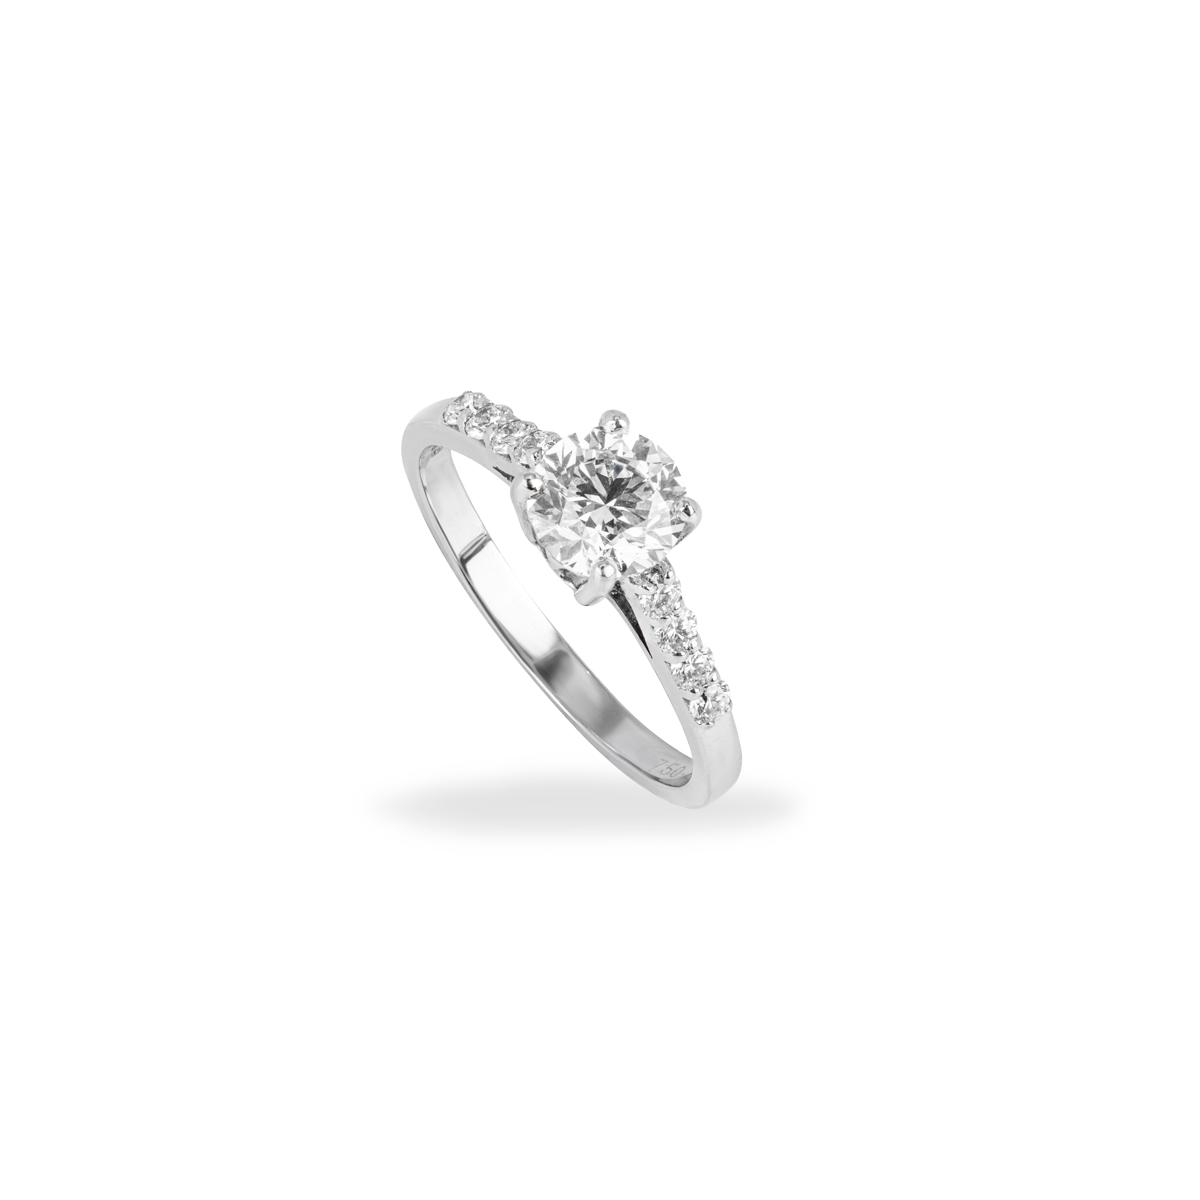 18k White Gold Round Brilliant Cut Diamond Ring 0.94ct I/VS1